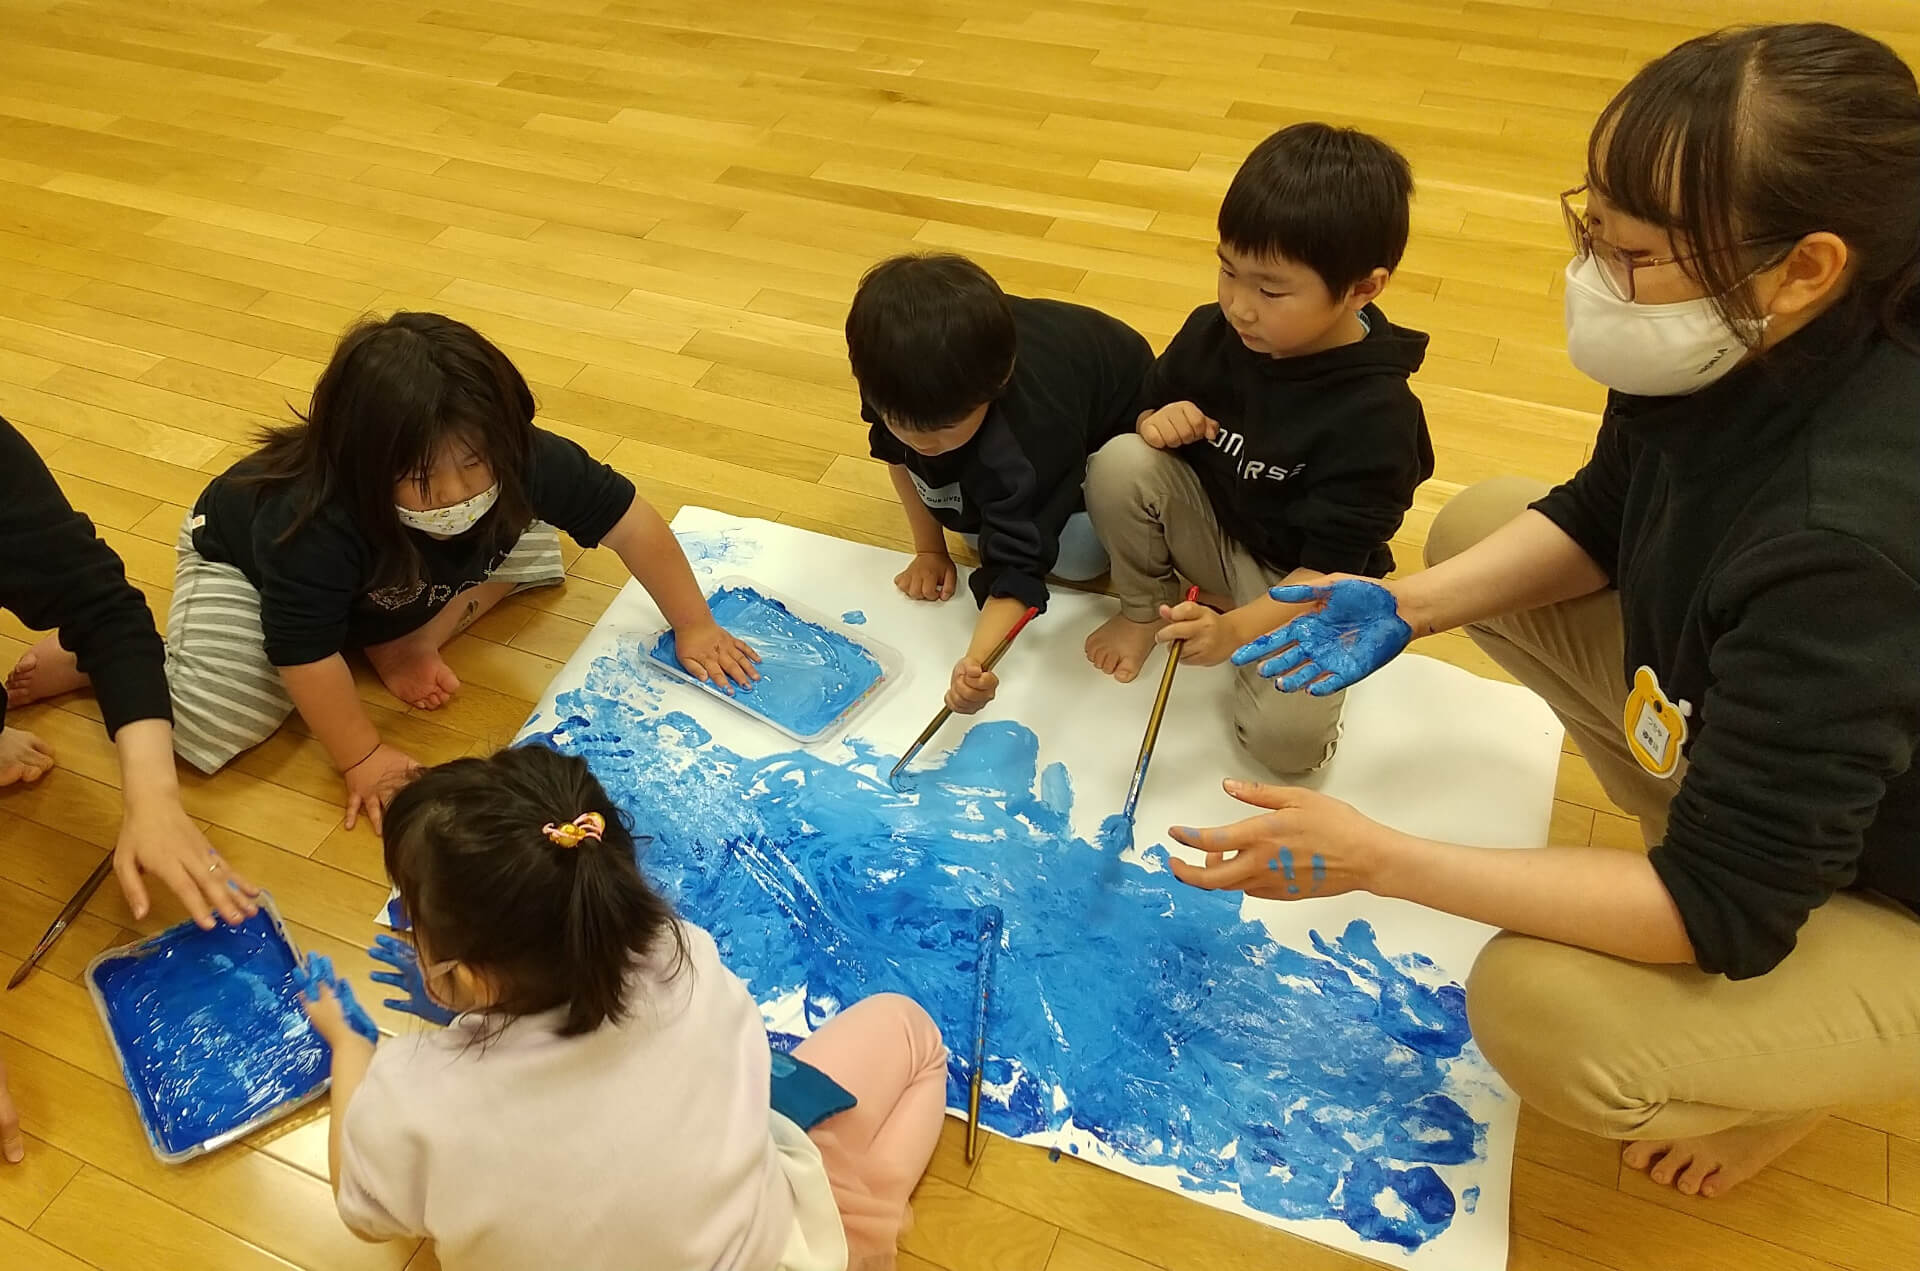 水色の絵の具を塗る子どもたち